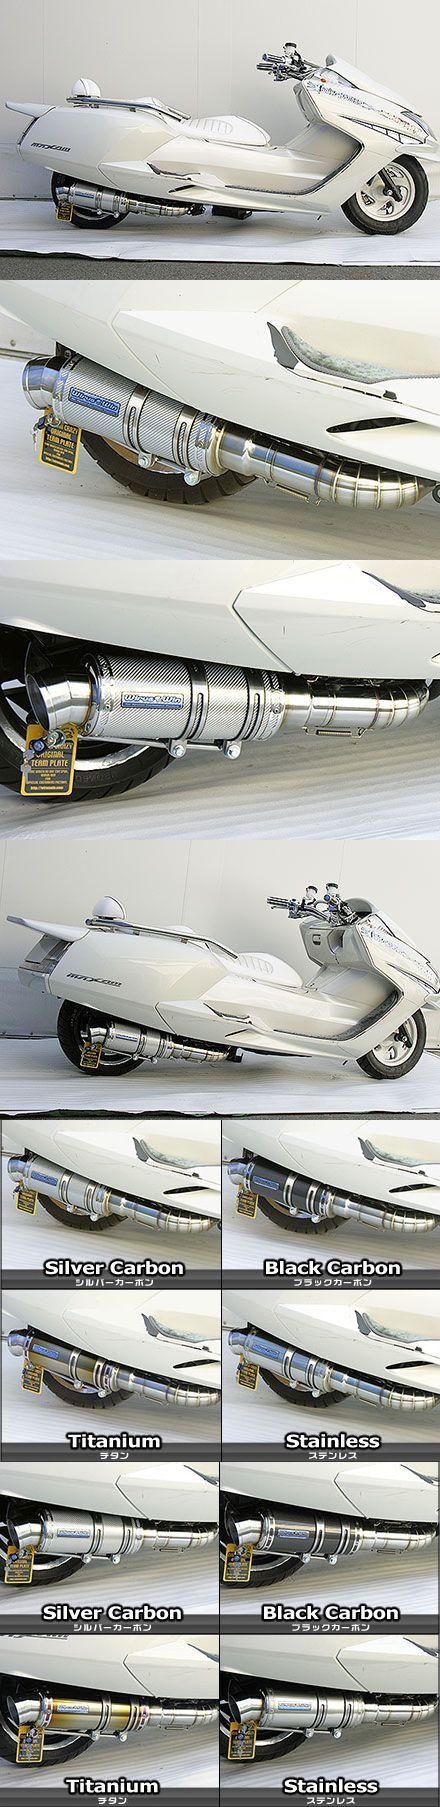 【WirusWin】Premium全段排氣管 銀色碳纖維款式 - 「Webike-摩托百貨」